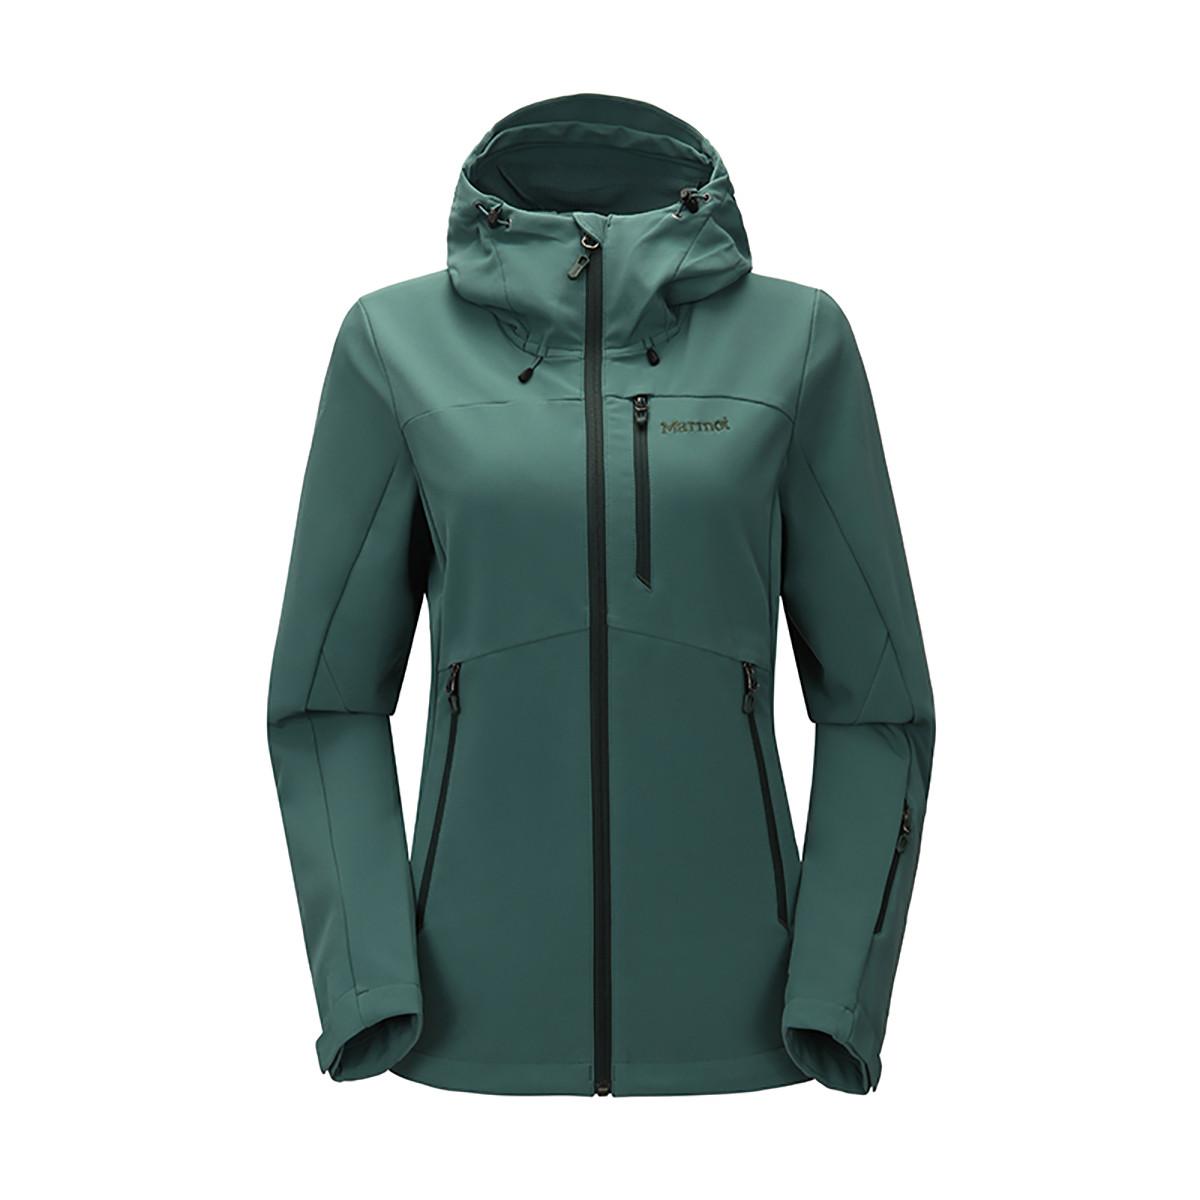 土拨鼠土拨鼠Marmot 冬季防风防泼水透气女款软壳衣L457504759